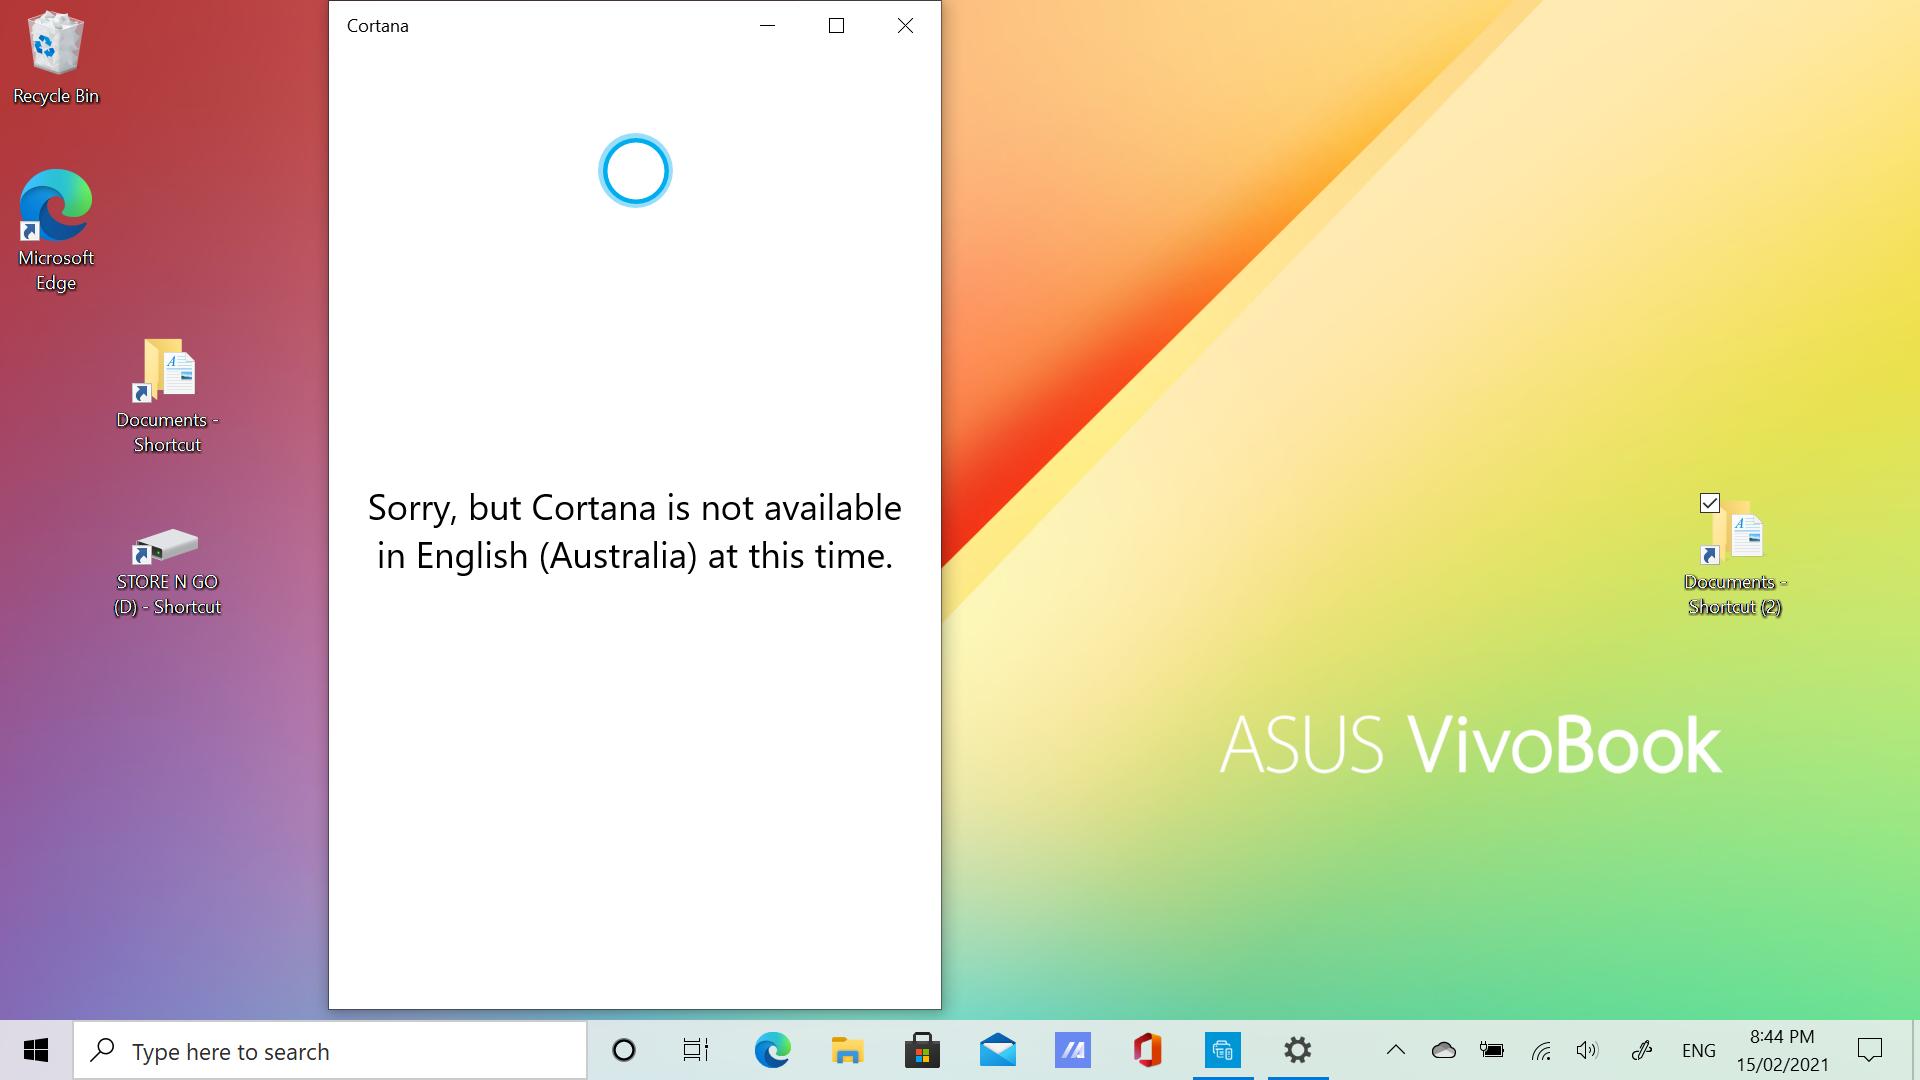 Cortana 256498ec-4d07-46b9-a0d2-b4c954d2bef7?upload=true.png